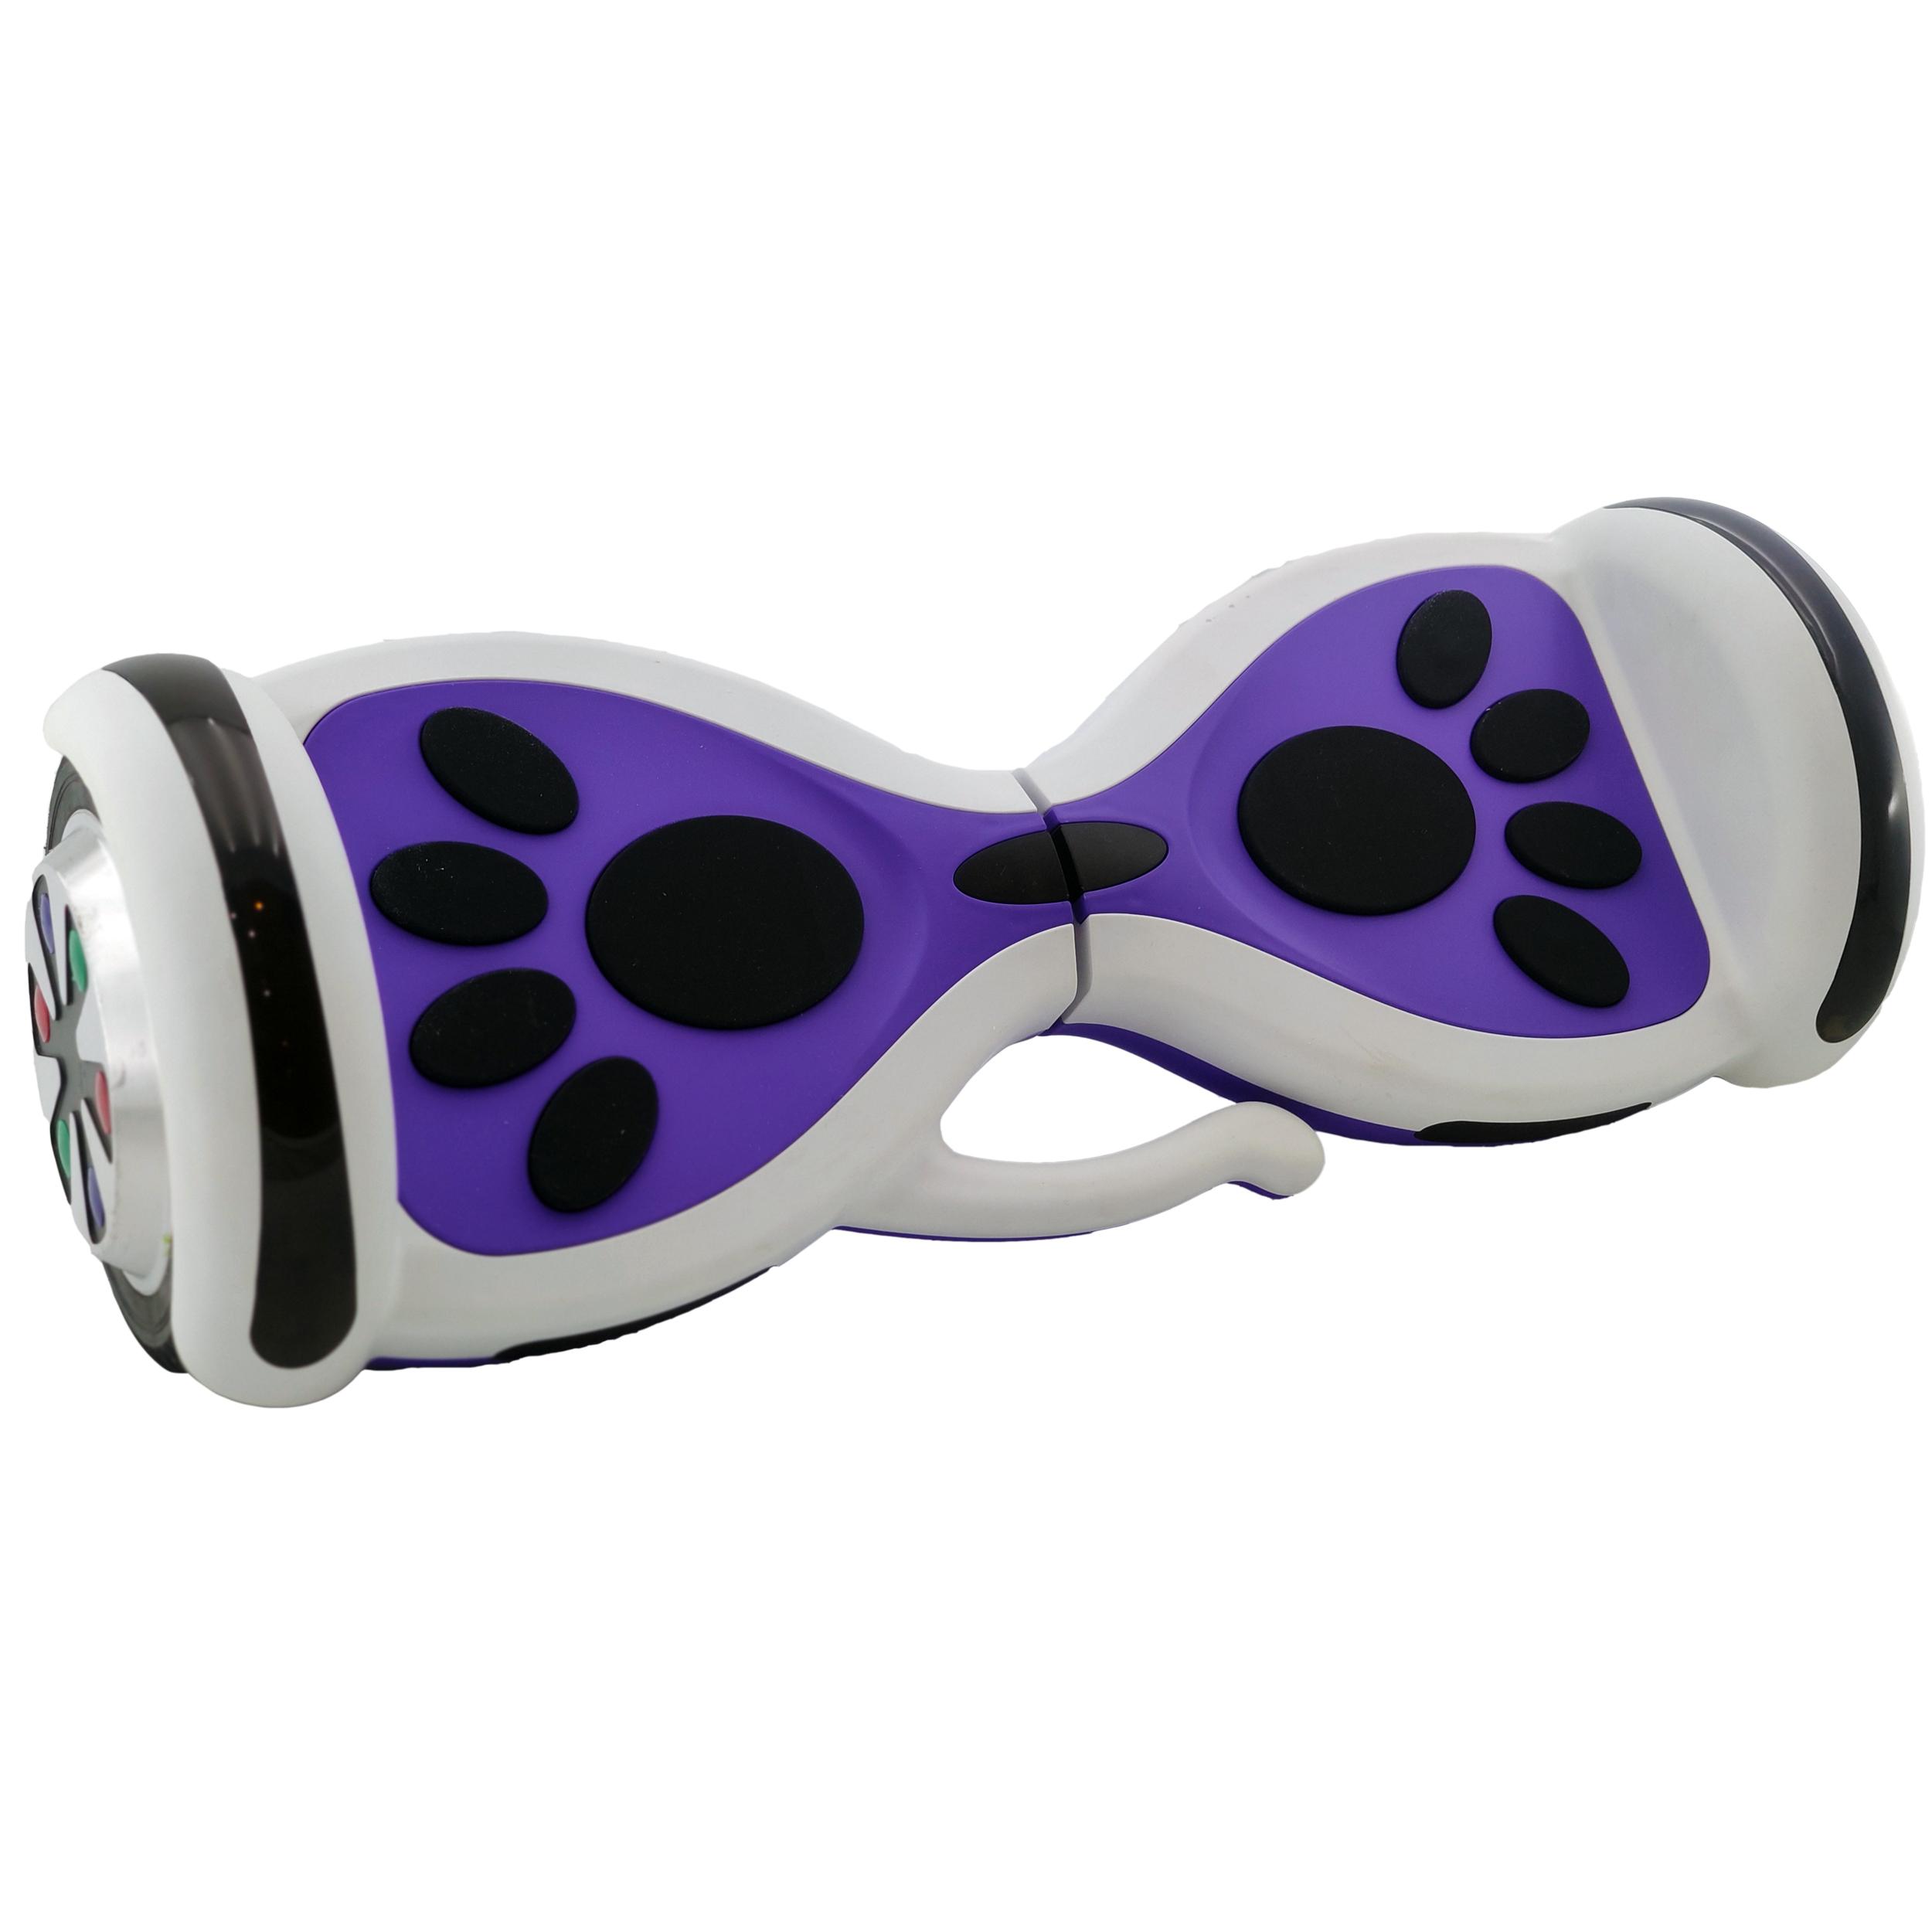 اسکوتر برقی مدل Dogs Foot کد 01